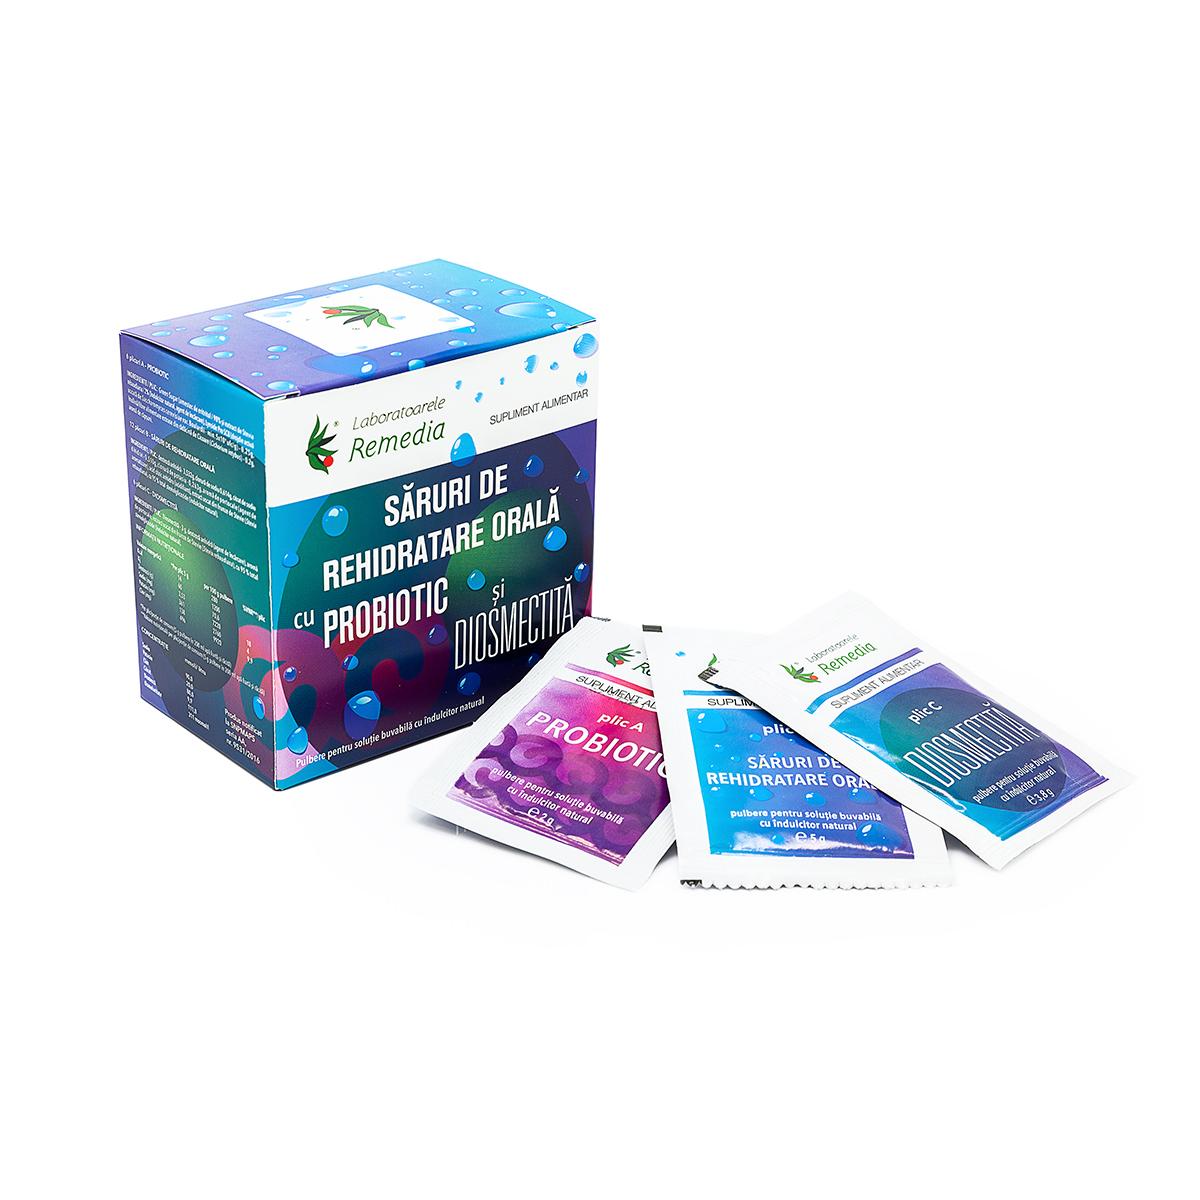 Săruri rehidratare cu probiotic și diosmectită, 24 plicuri, Remedia